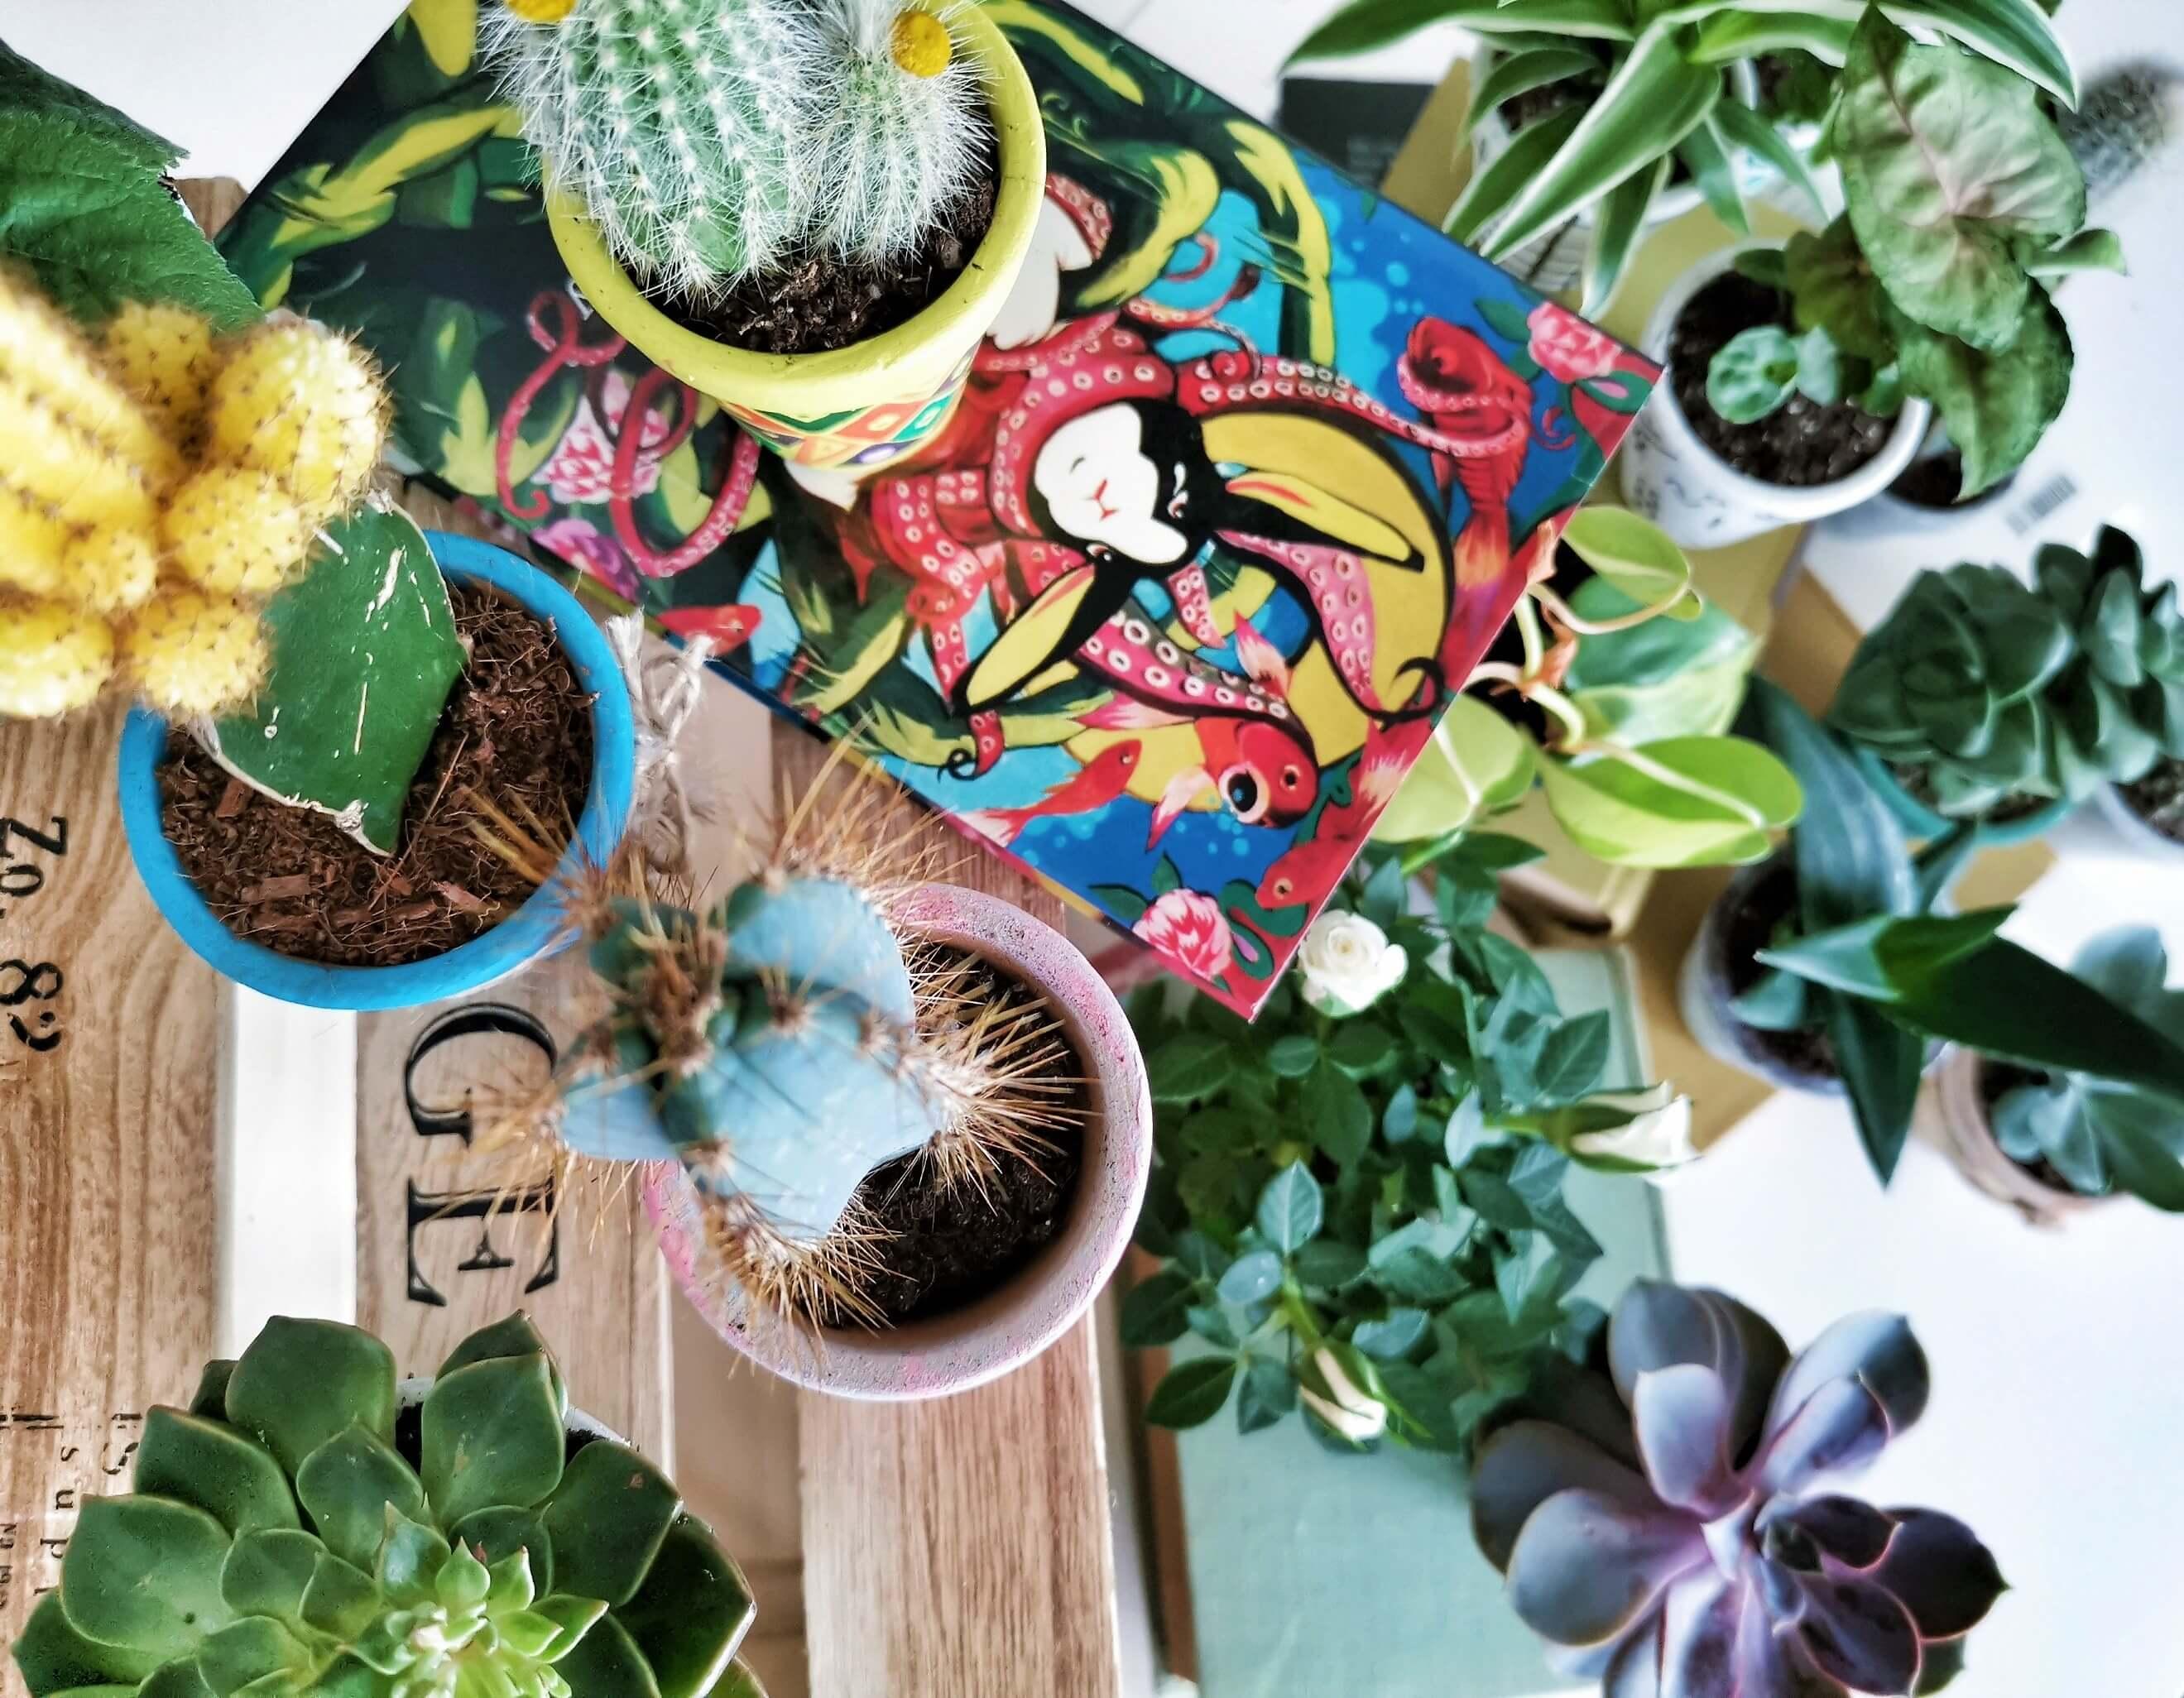 IMG 20190612 131831 01 resized 20190612 062906038 - Recyklujeme kreatívne: Kvetináče v piatich rôznych štýloch